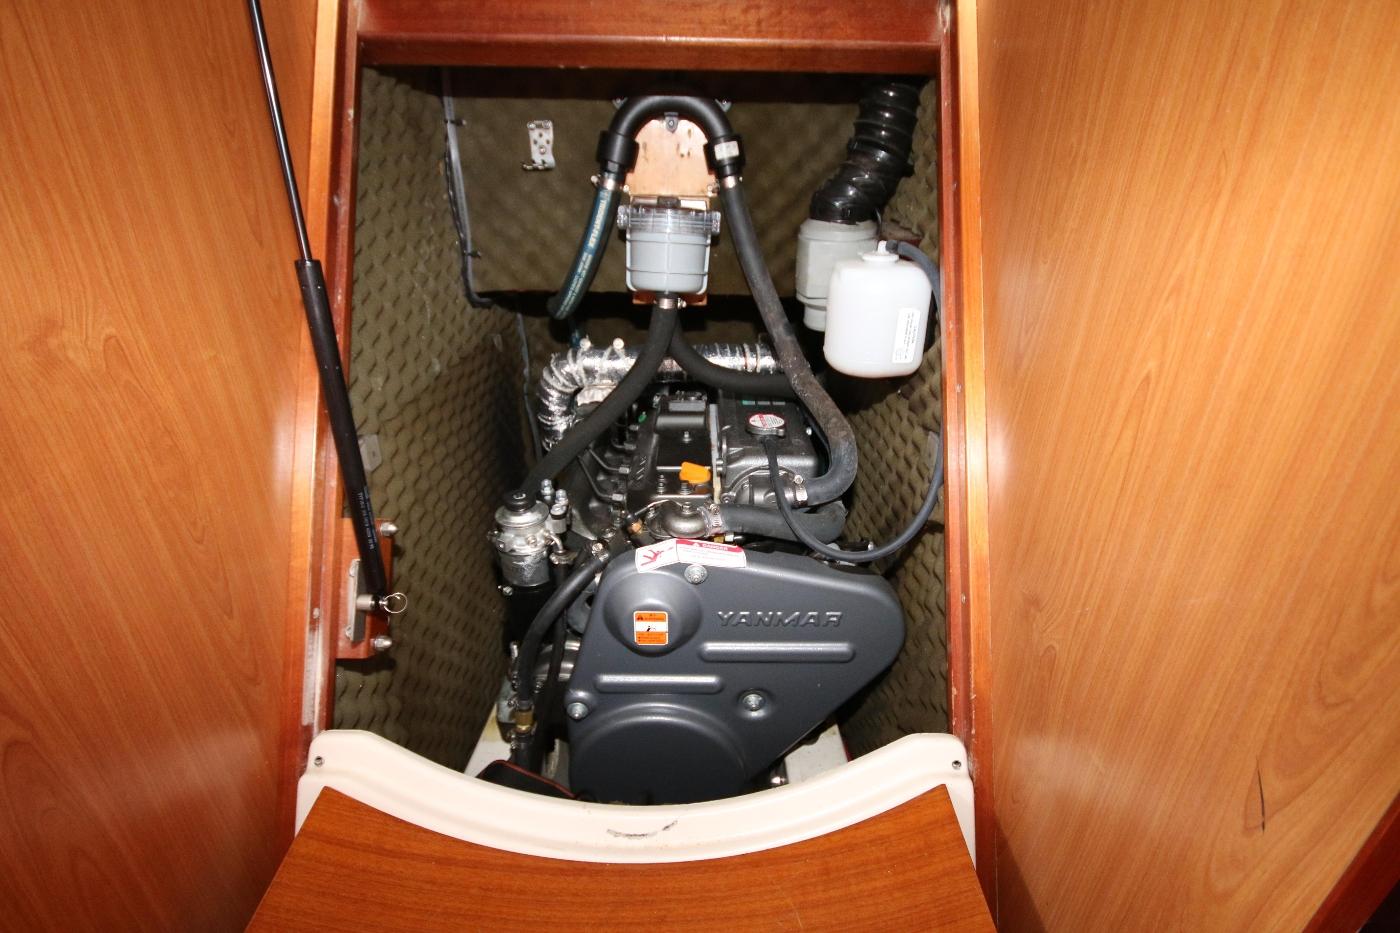 1997 Beneteau Oceanis 461, Yanmar engine